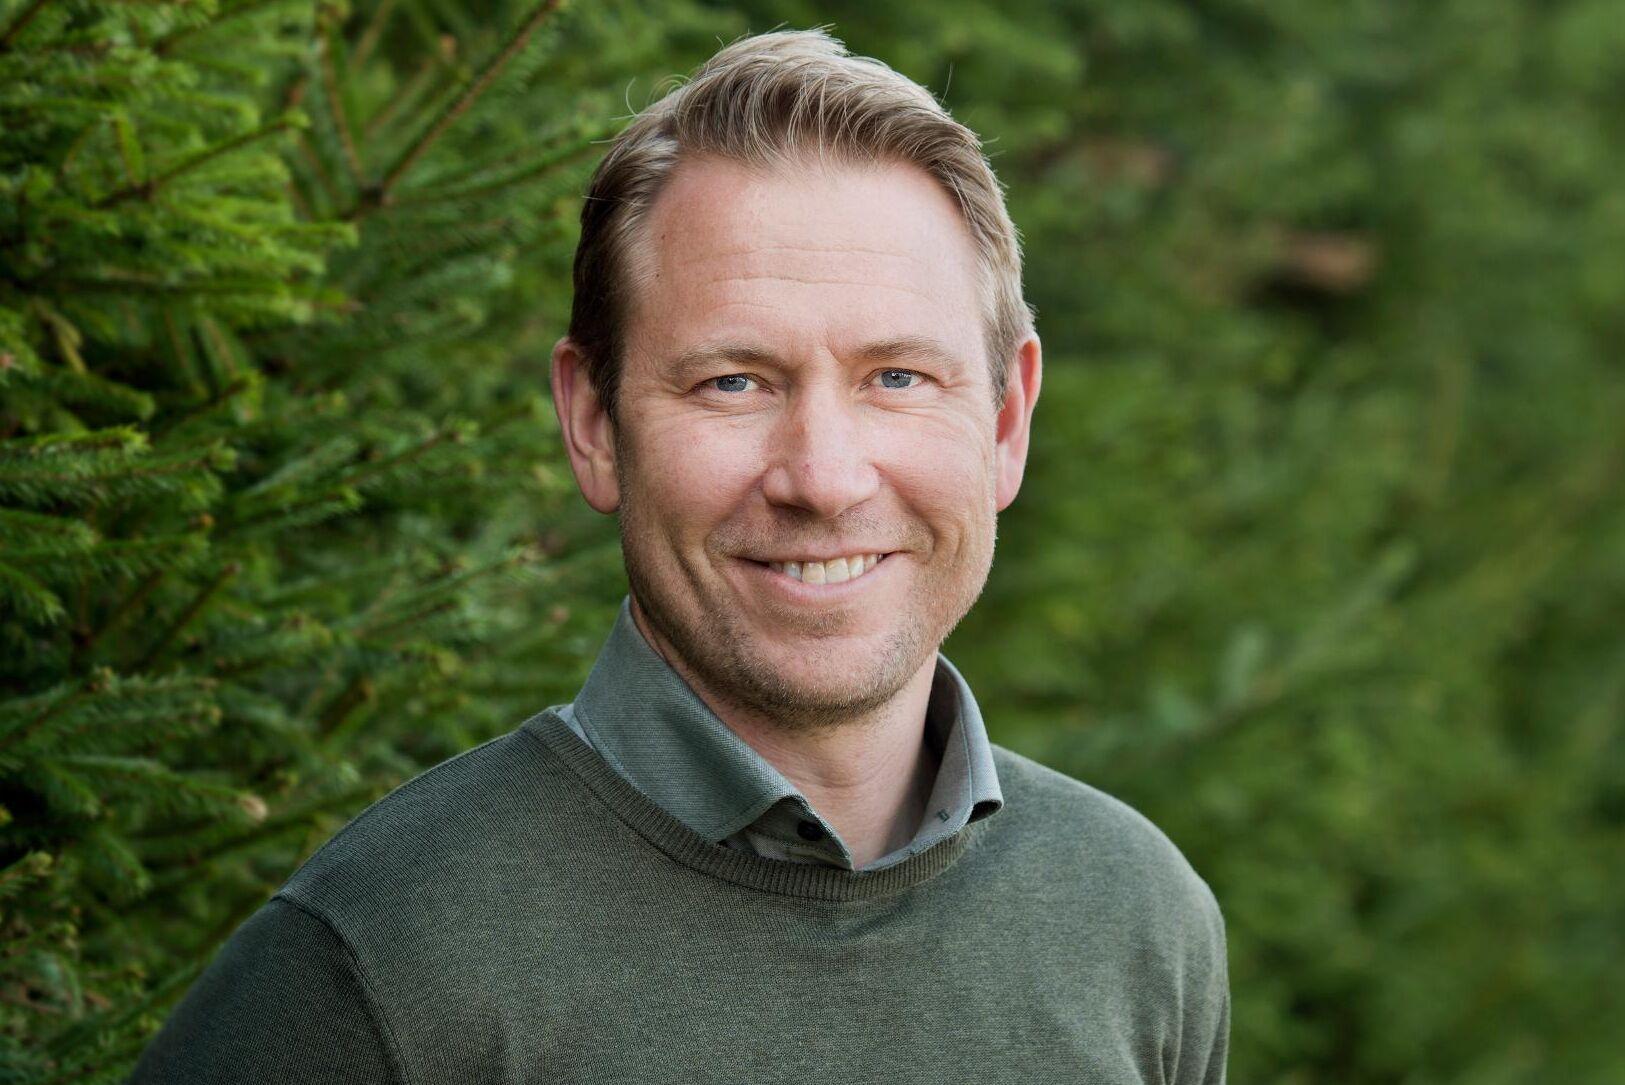 Svenska Skogsplantor har märkt av vårens problem med frosttorka, samtidigt som svårigheter att få tag på erfaren personal också påverkat årets planteringar, enligt Tom Jägestedt.